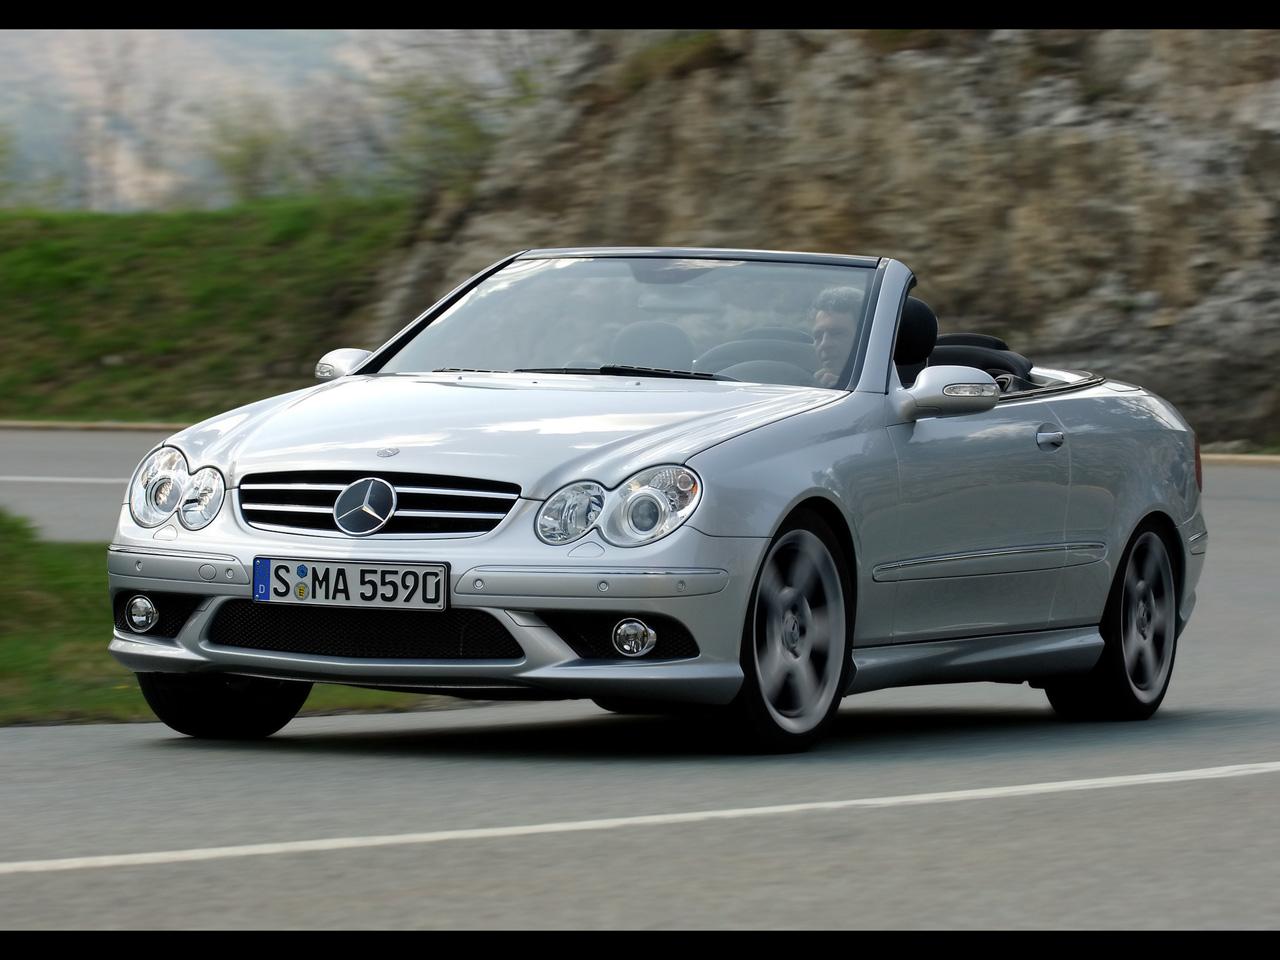 [Photos] Galerie : Les Beaux CLK (C209 & A209) pour le plaisir des yeux   2007-Mercedes-Benz-CLK-500-Cabriolet-SA-1280x960